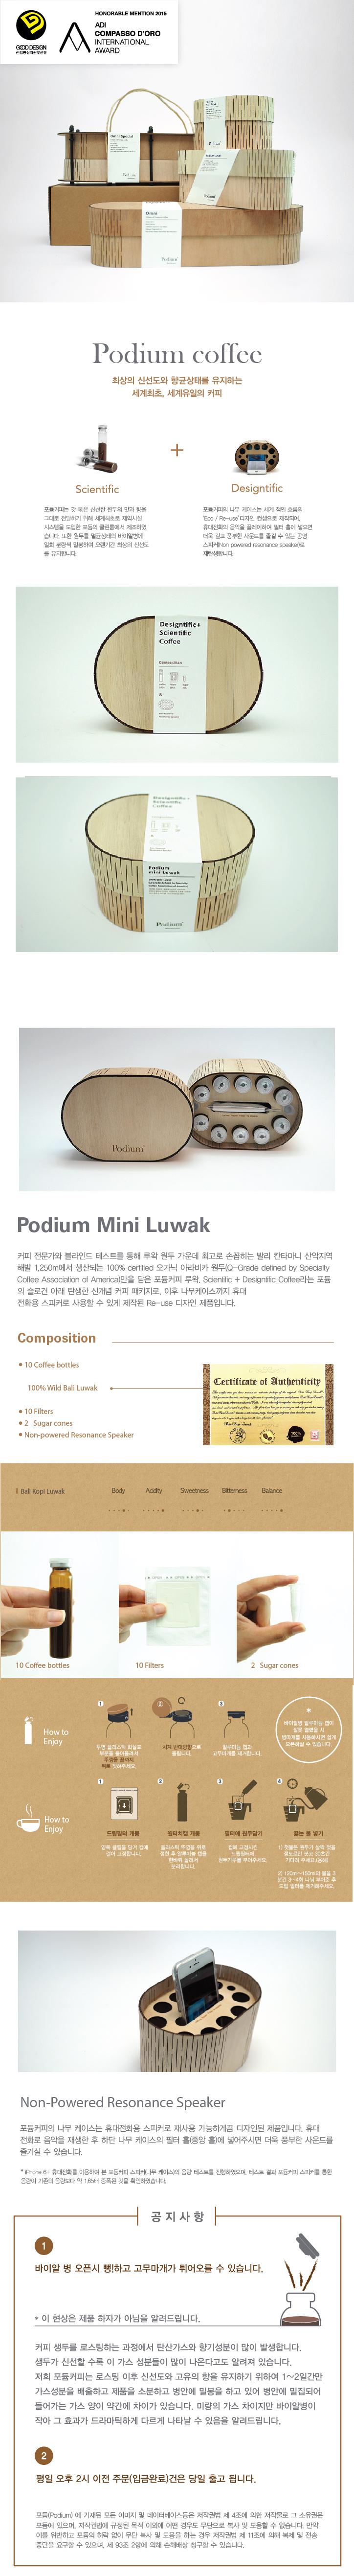 미니루왁_Mini Luwak - 포듐, 100,000원, 커피, 분말커피